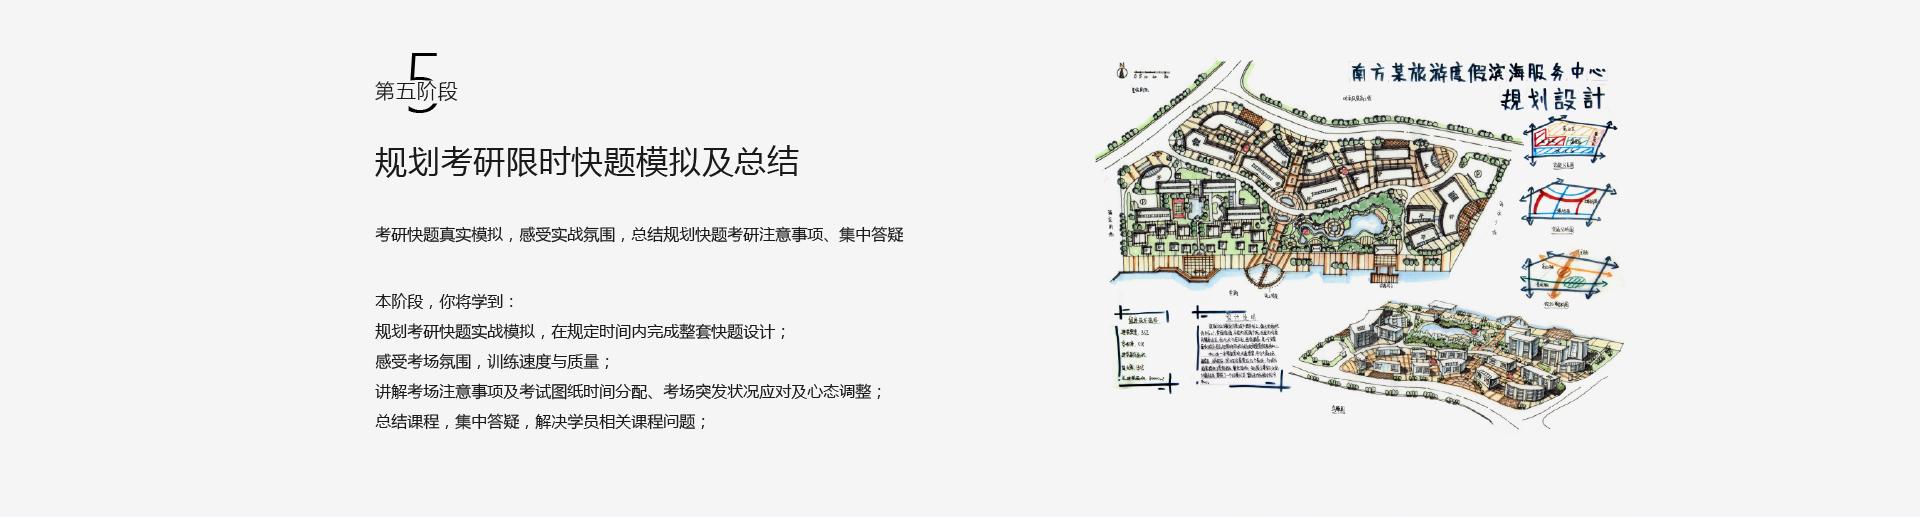 规划快题_09.jpg